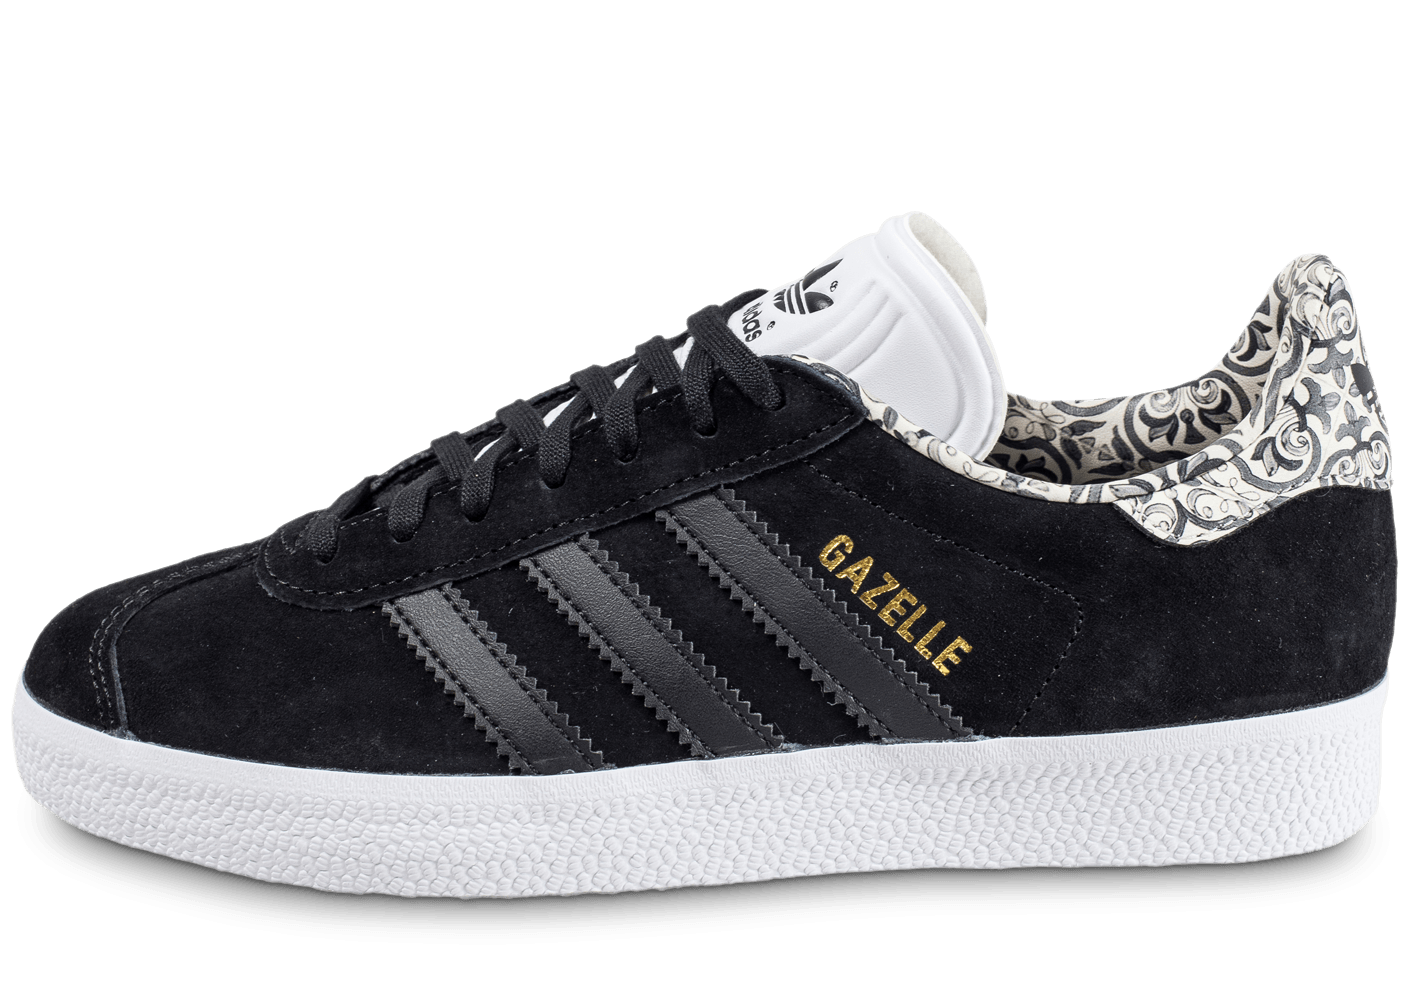 adidas femme basket gazelle noire,Chaussures & vêtements Adidas ...